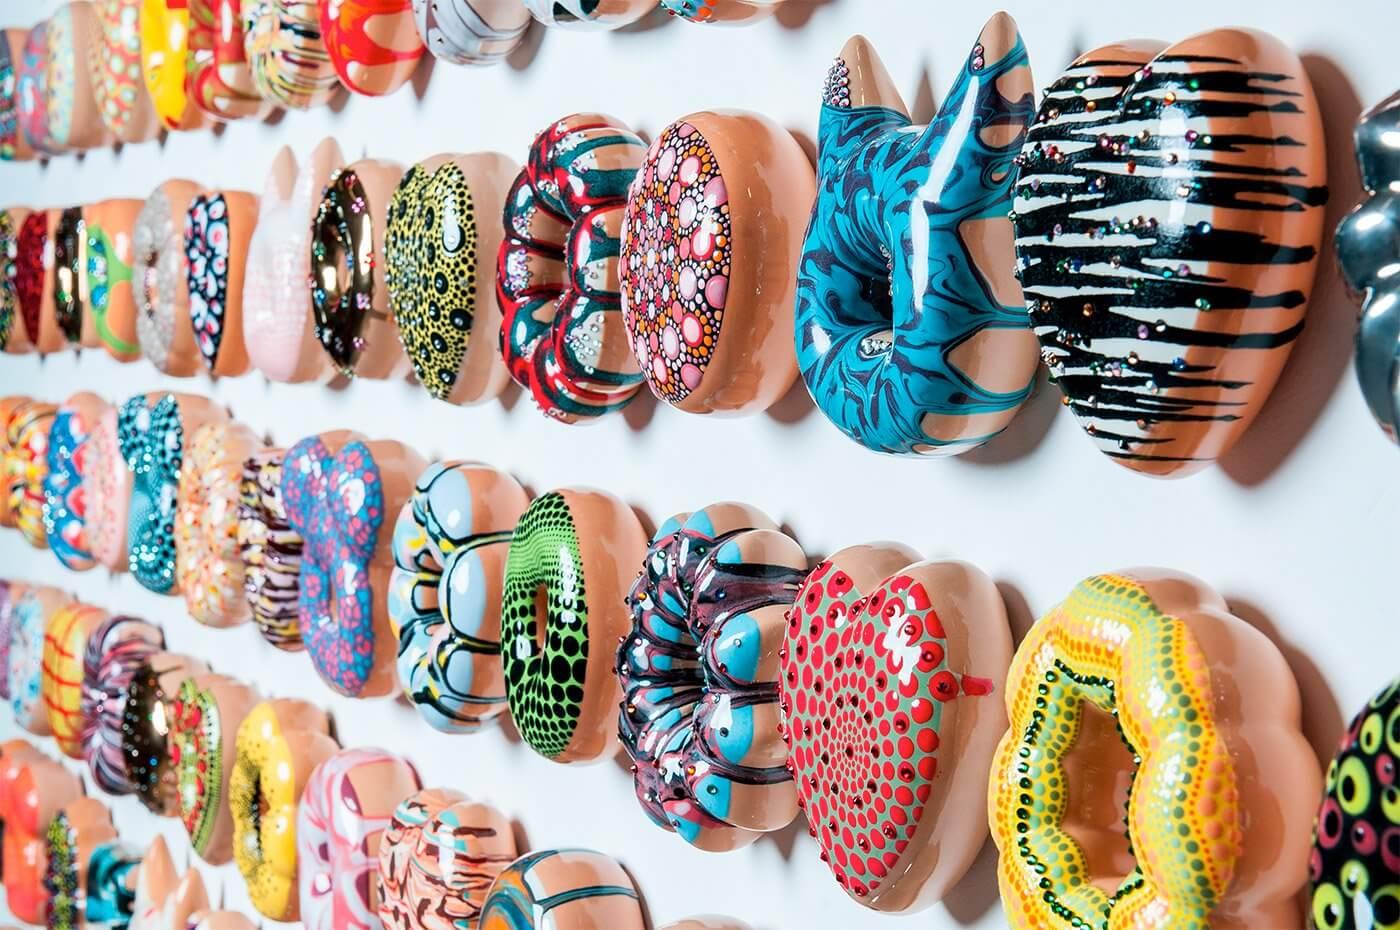 Ceramic Donuts Jae Yong Kim 2 (1)